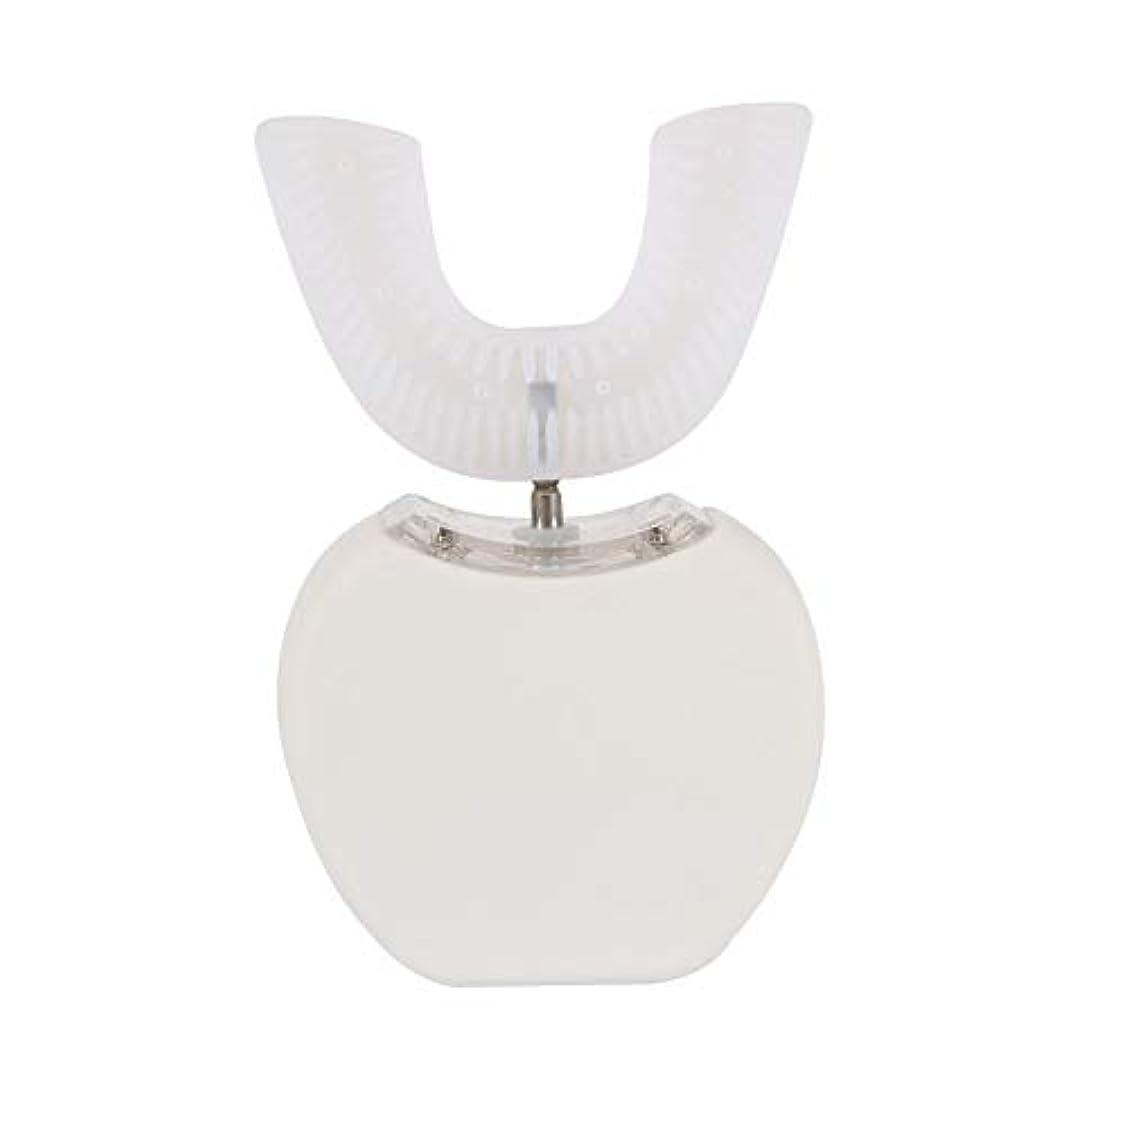 孤児星ウェイトレス360°ワイヤレス充電怠惰な自動ソニックシリコーン電動歯ブラシ - ホワイト